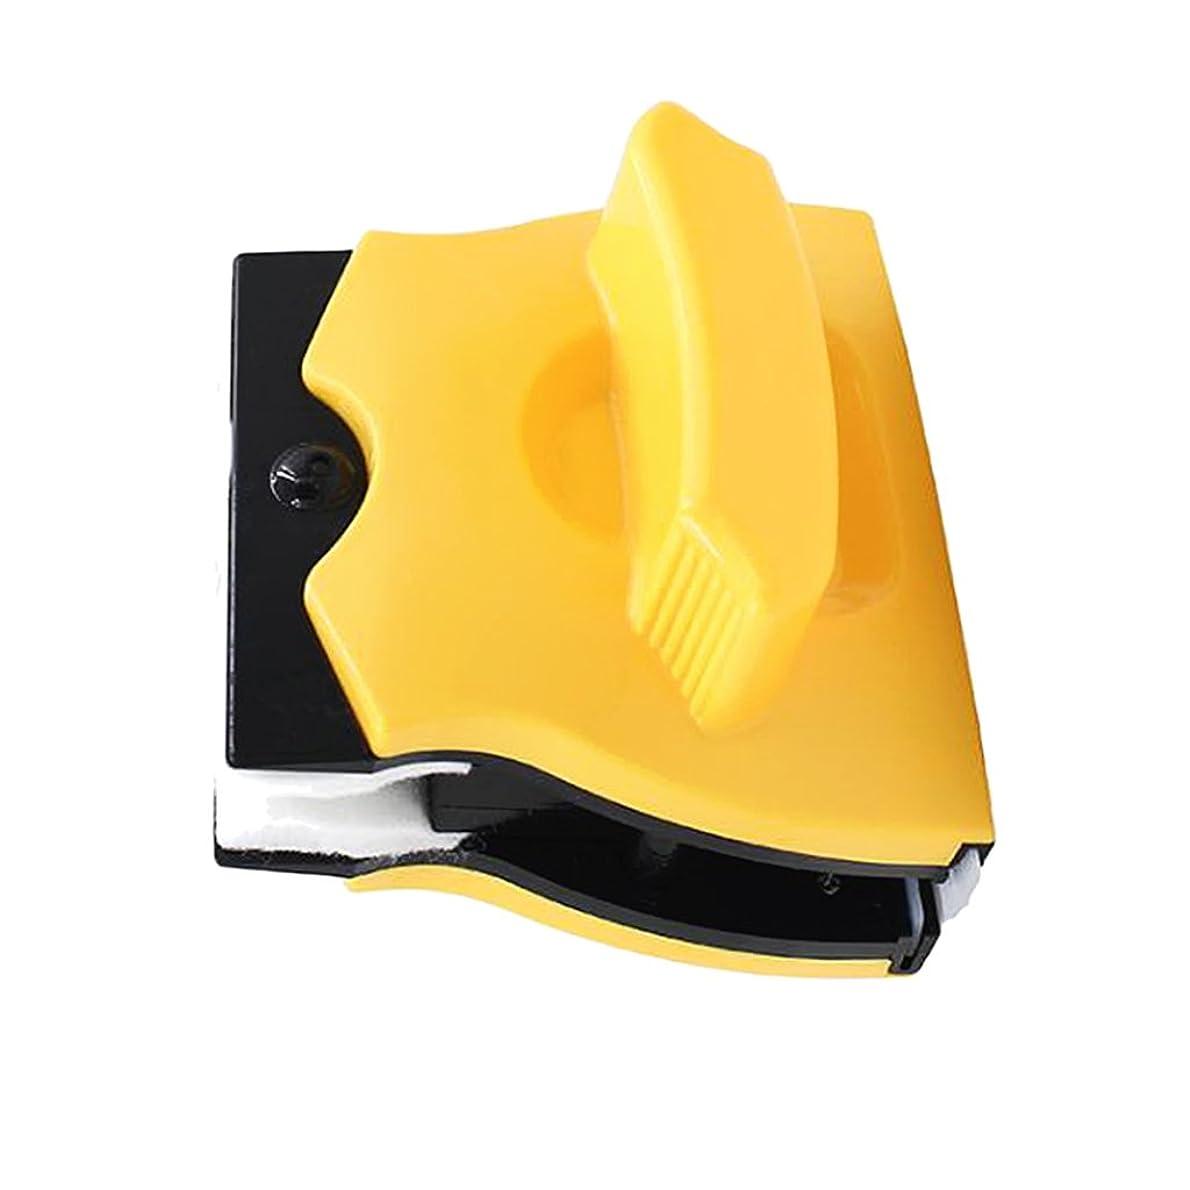 考えアスリートスーツjoyMerit 各種両面磁気窓クリーナー/高層窓用ガラスワイパー便利な清掃用具/安全用ブラシ - 黄